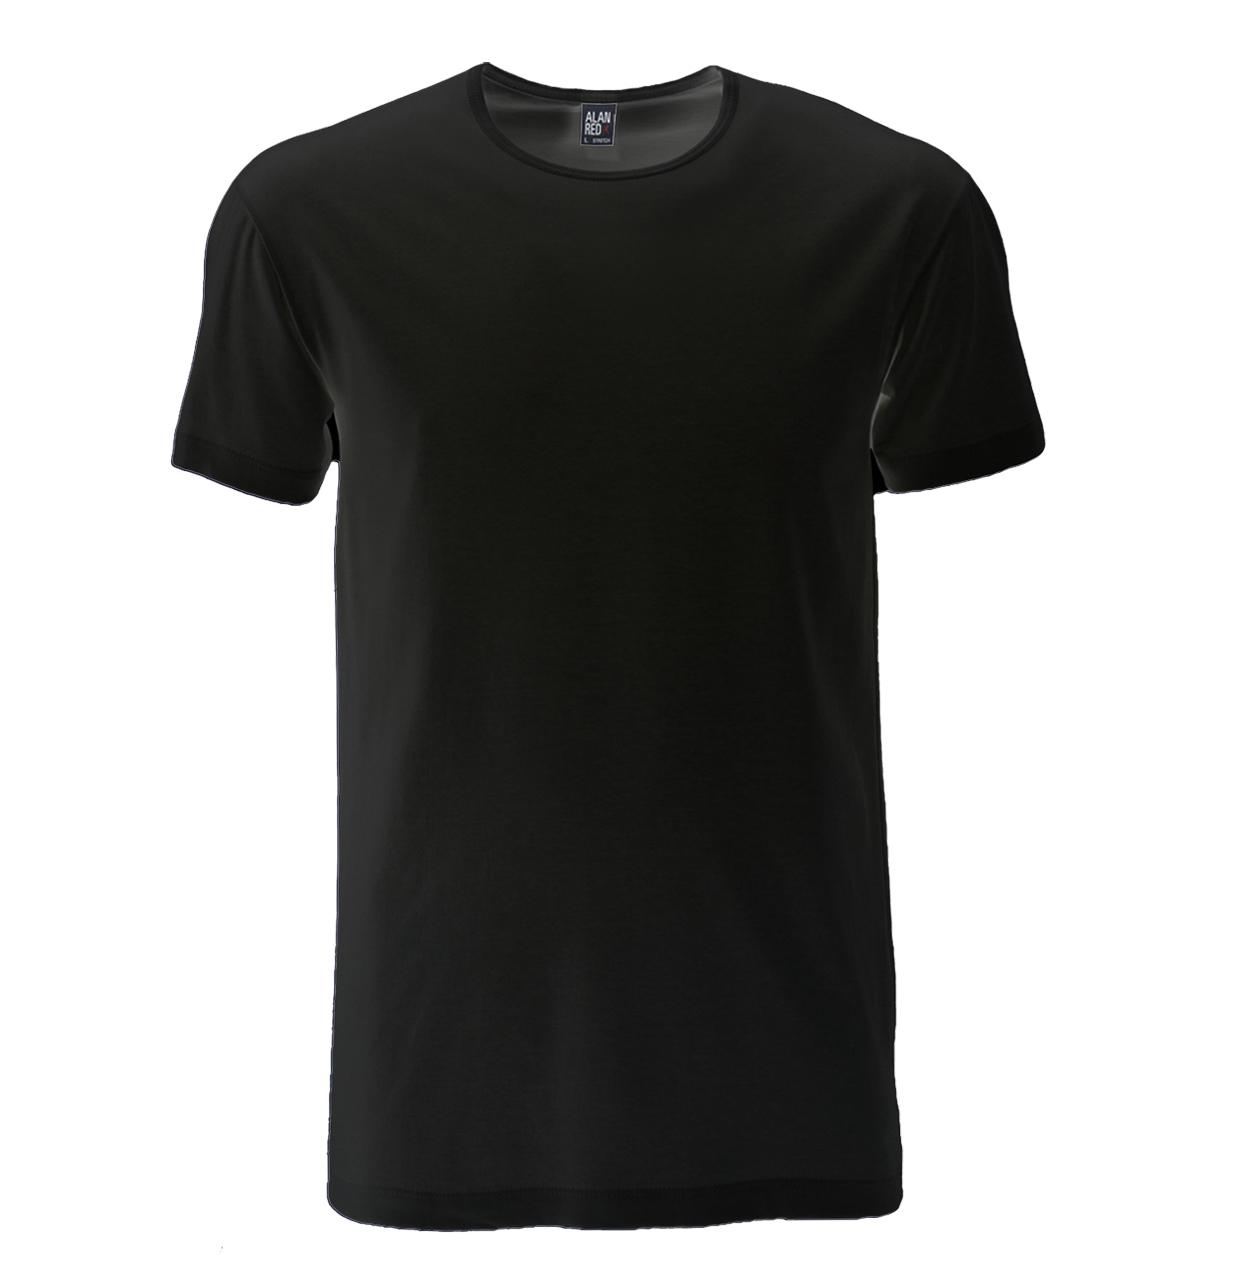 Alan Red T-shirt OTTAWA 1-PACK 99 Black OTTAWA 1-PACK zwart Maat M